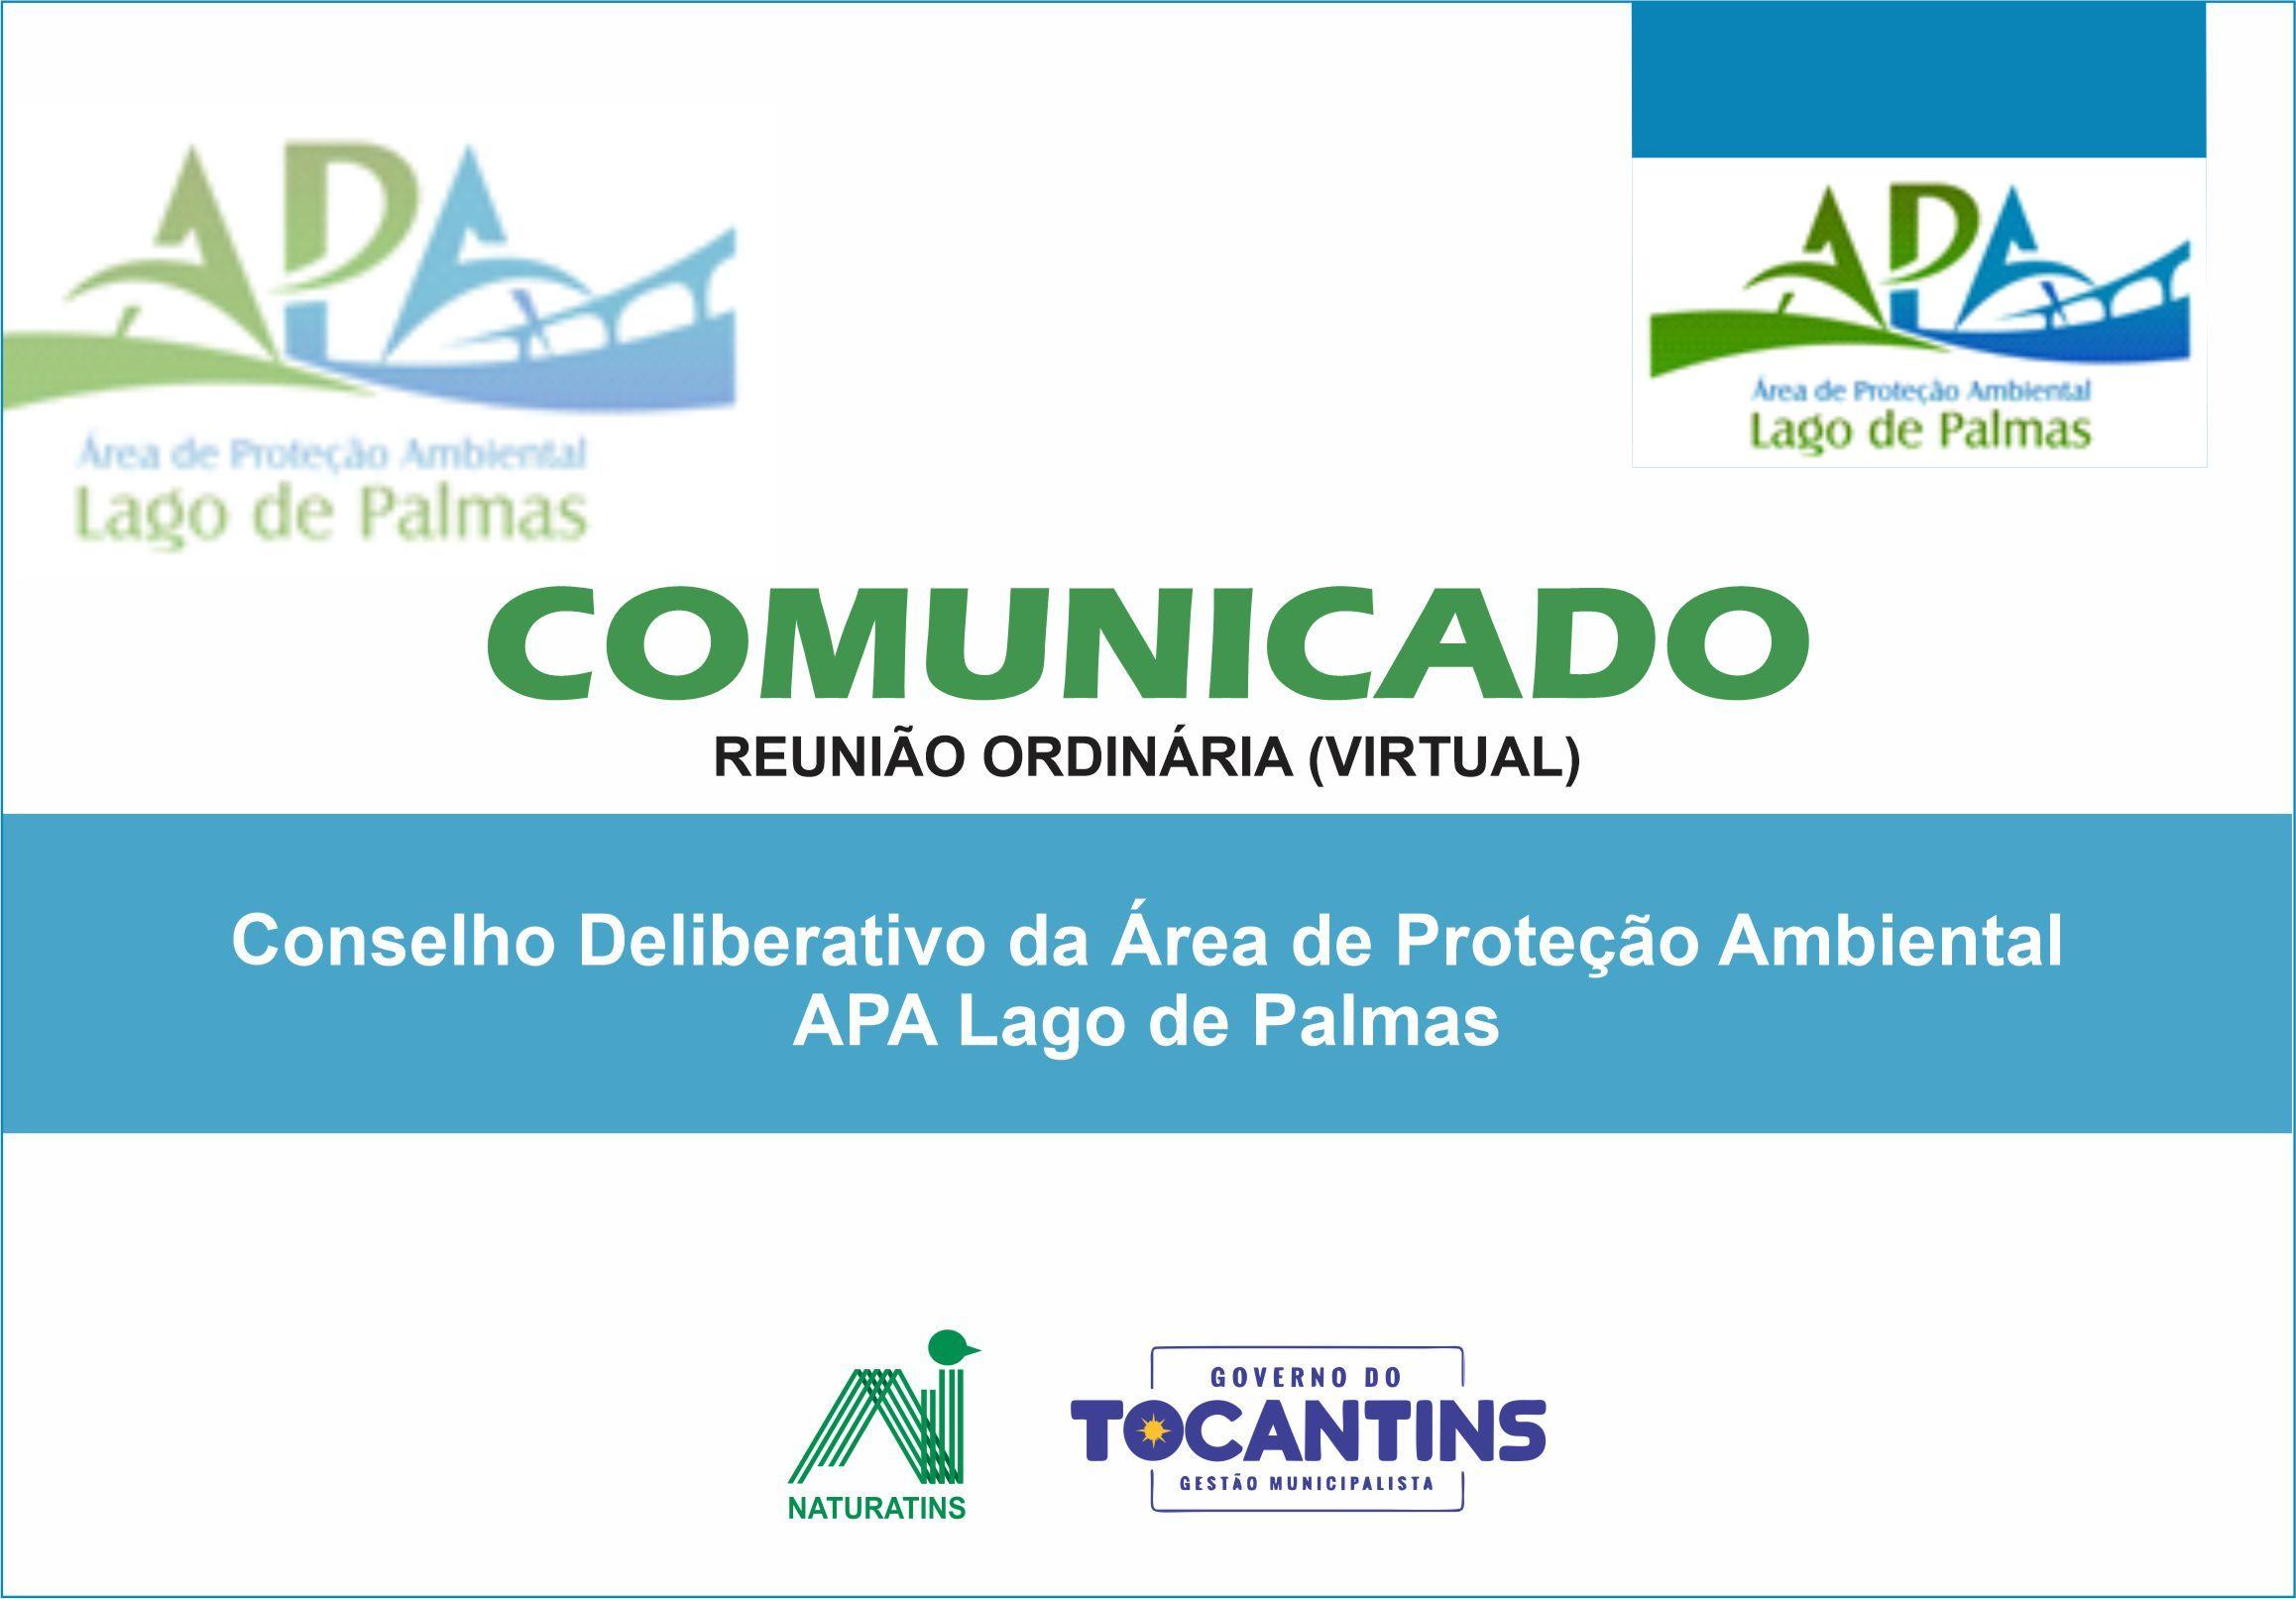 COMUNICADO Conselho da APA do Lago de Palmas.